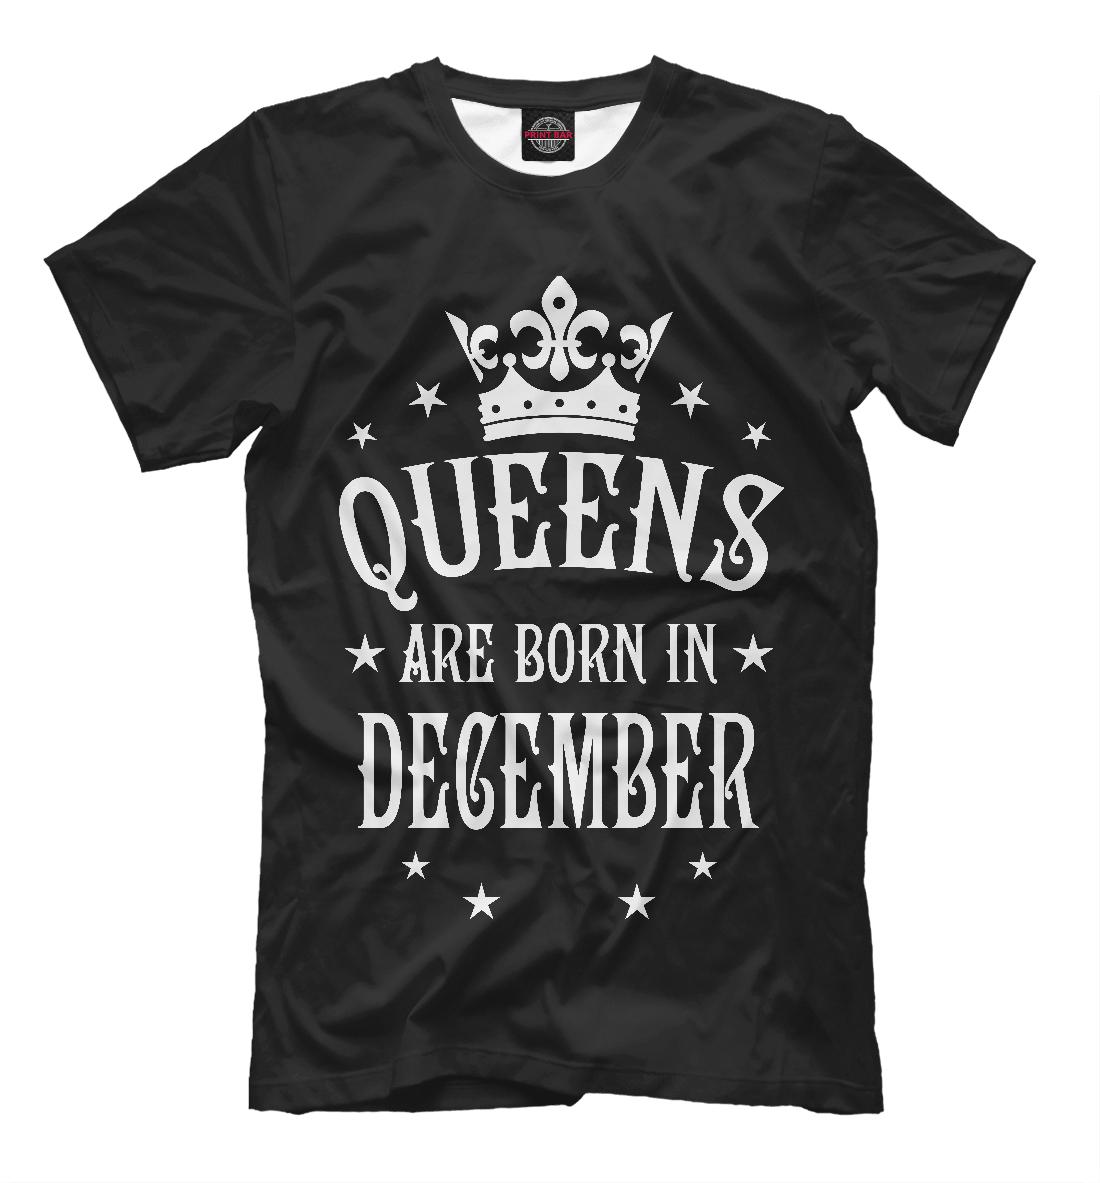 Купить Королевы рождаются в декабре, Printbar, Футболки, DRZ-254067-fut-2